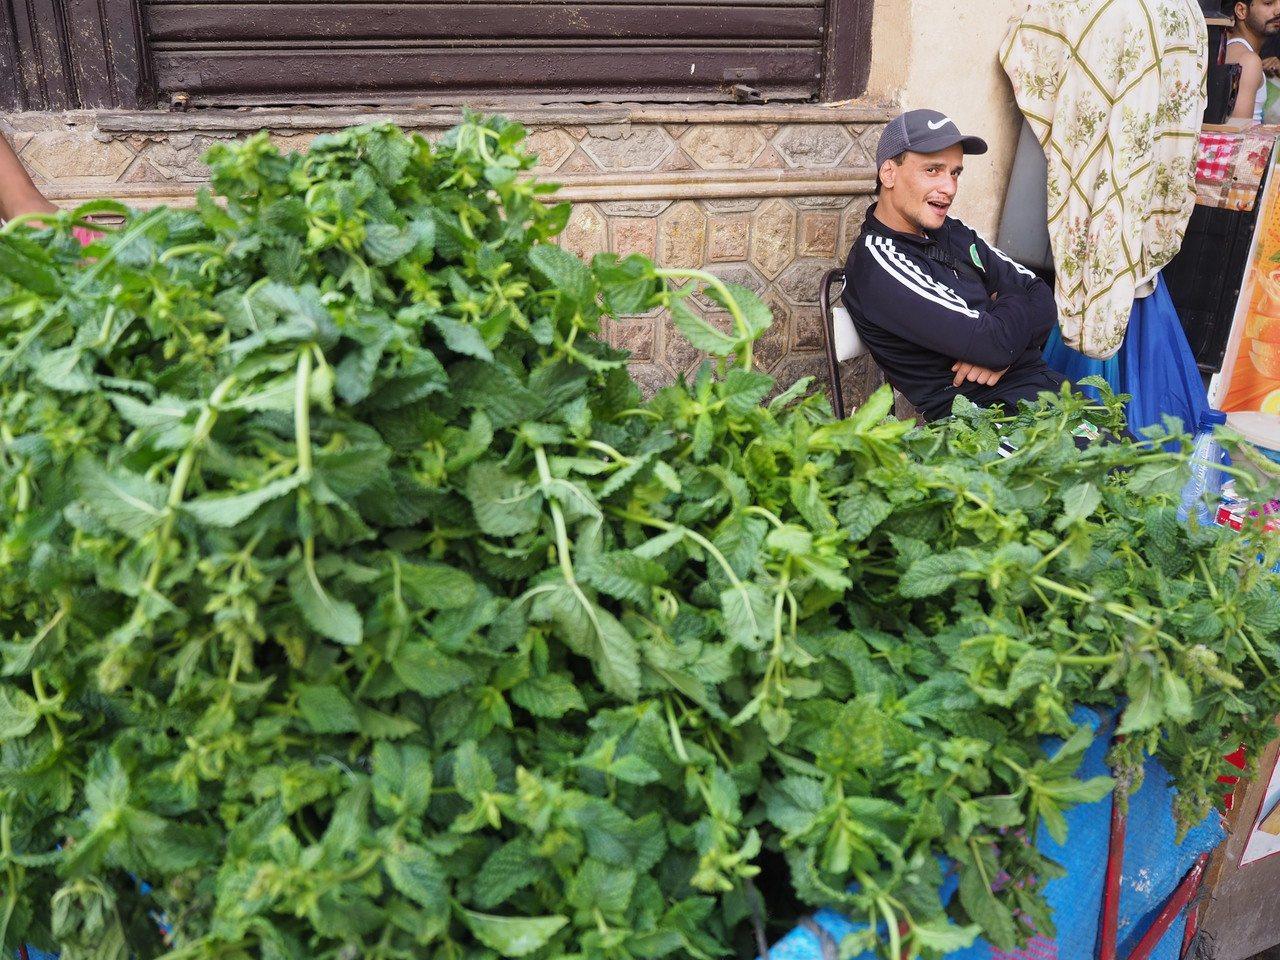 薄荷葉是各城都可見的尋常物,薄荷茶每日必飲。記者羅建怡/攝影